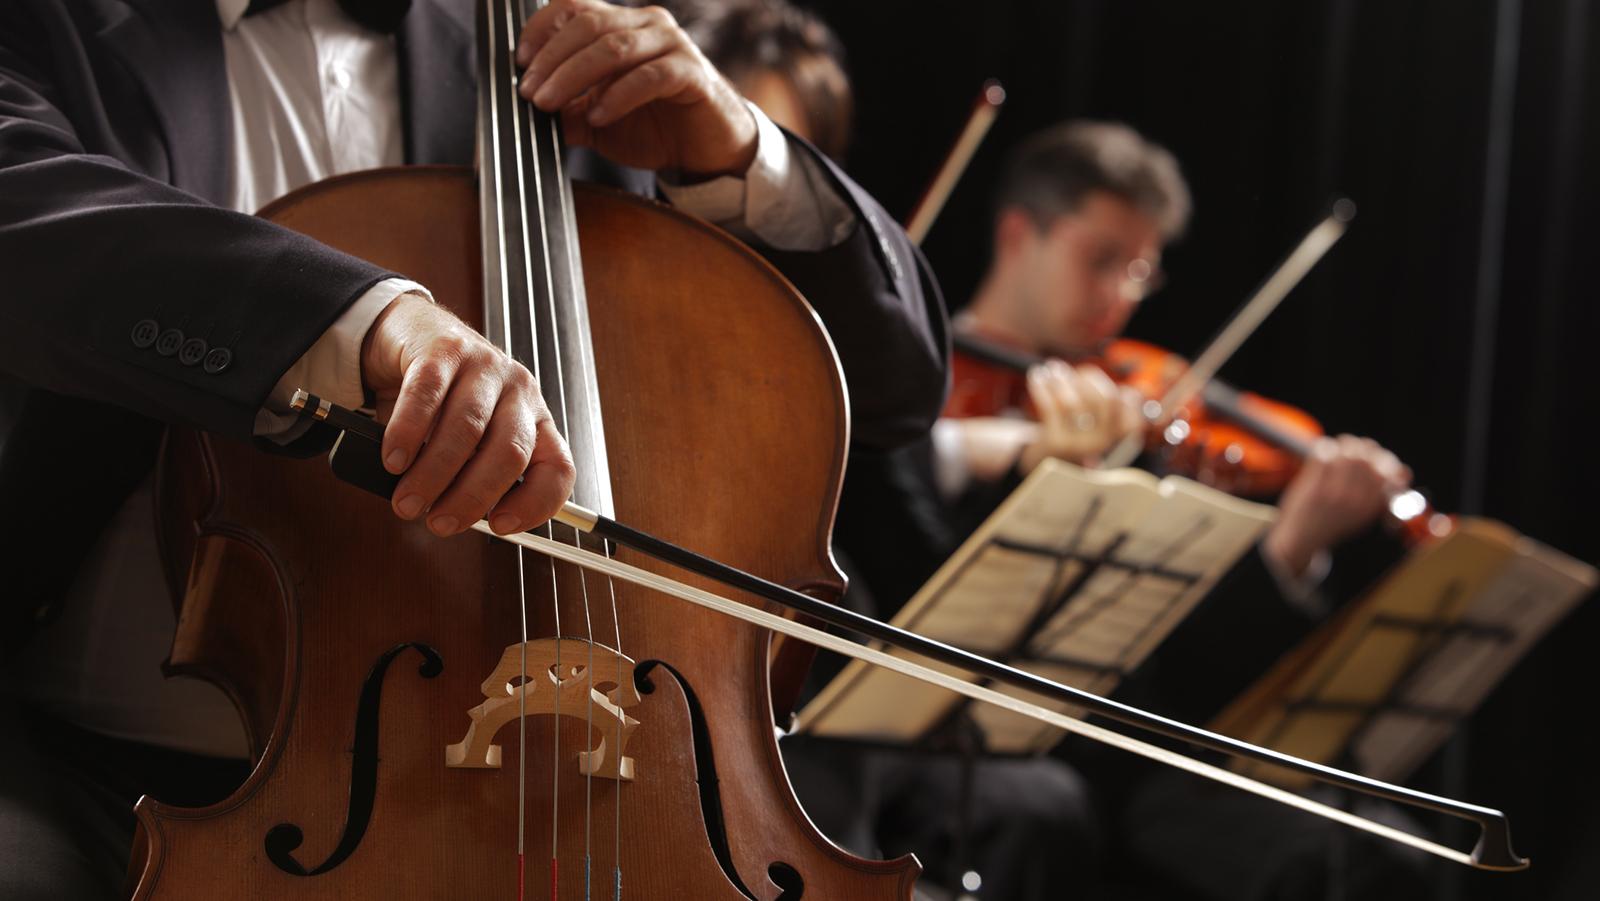 Класична музика, джаз та балет: у Вінниці відбудеться фестиваль імені Чайковського та фон Мекк